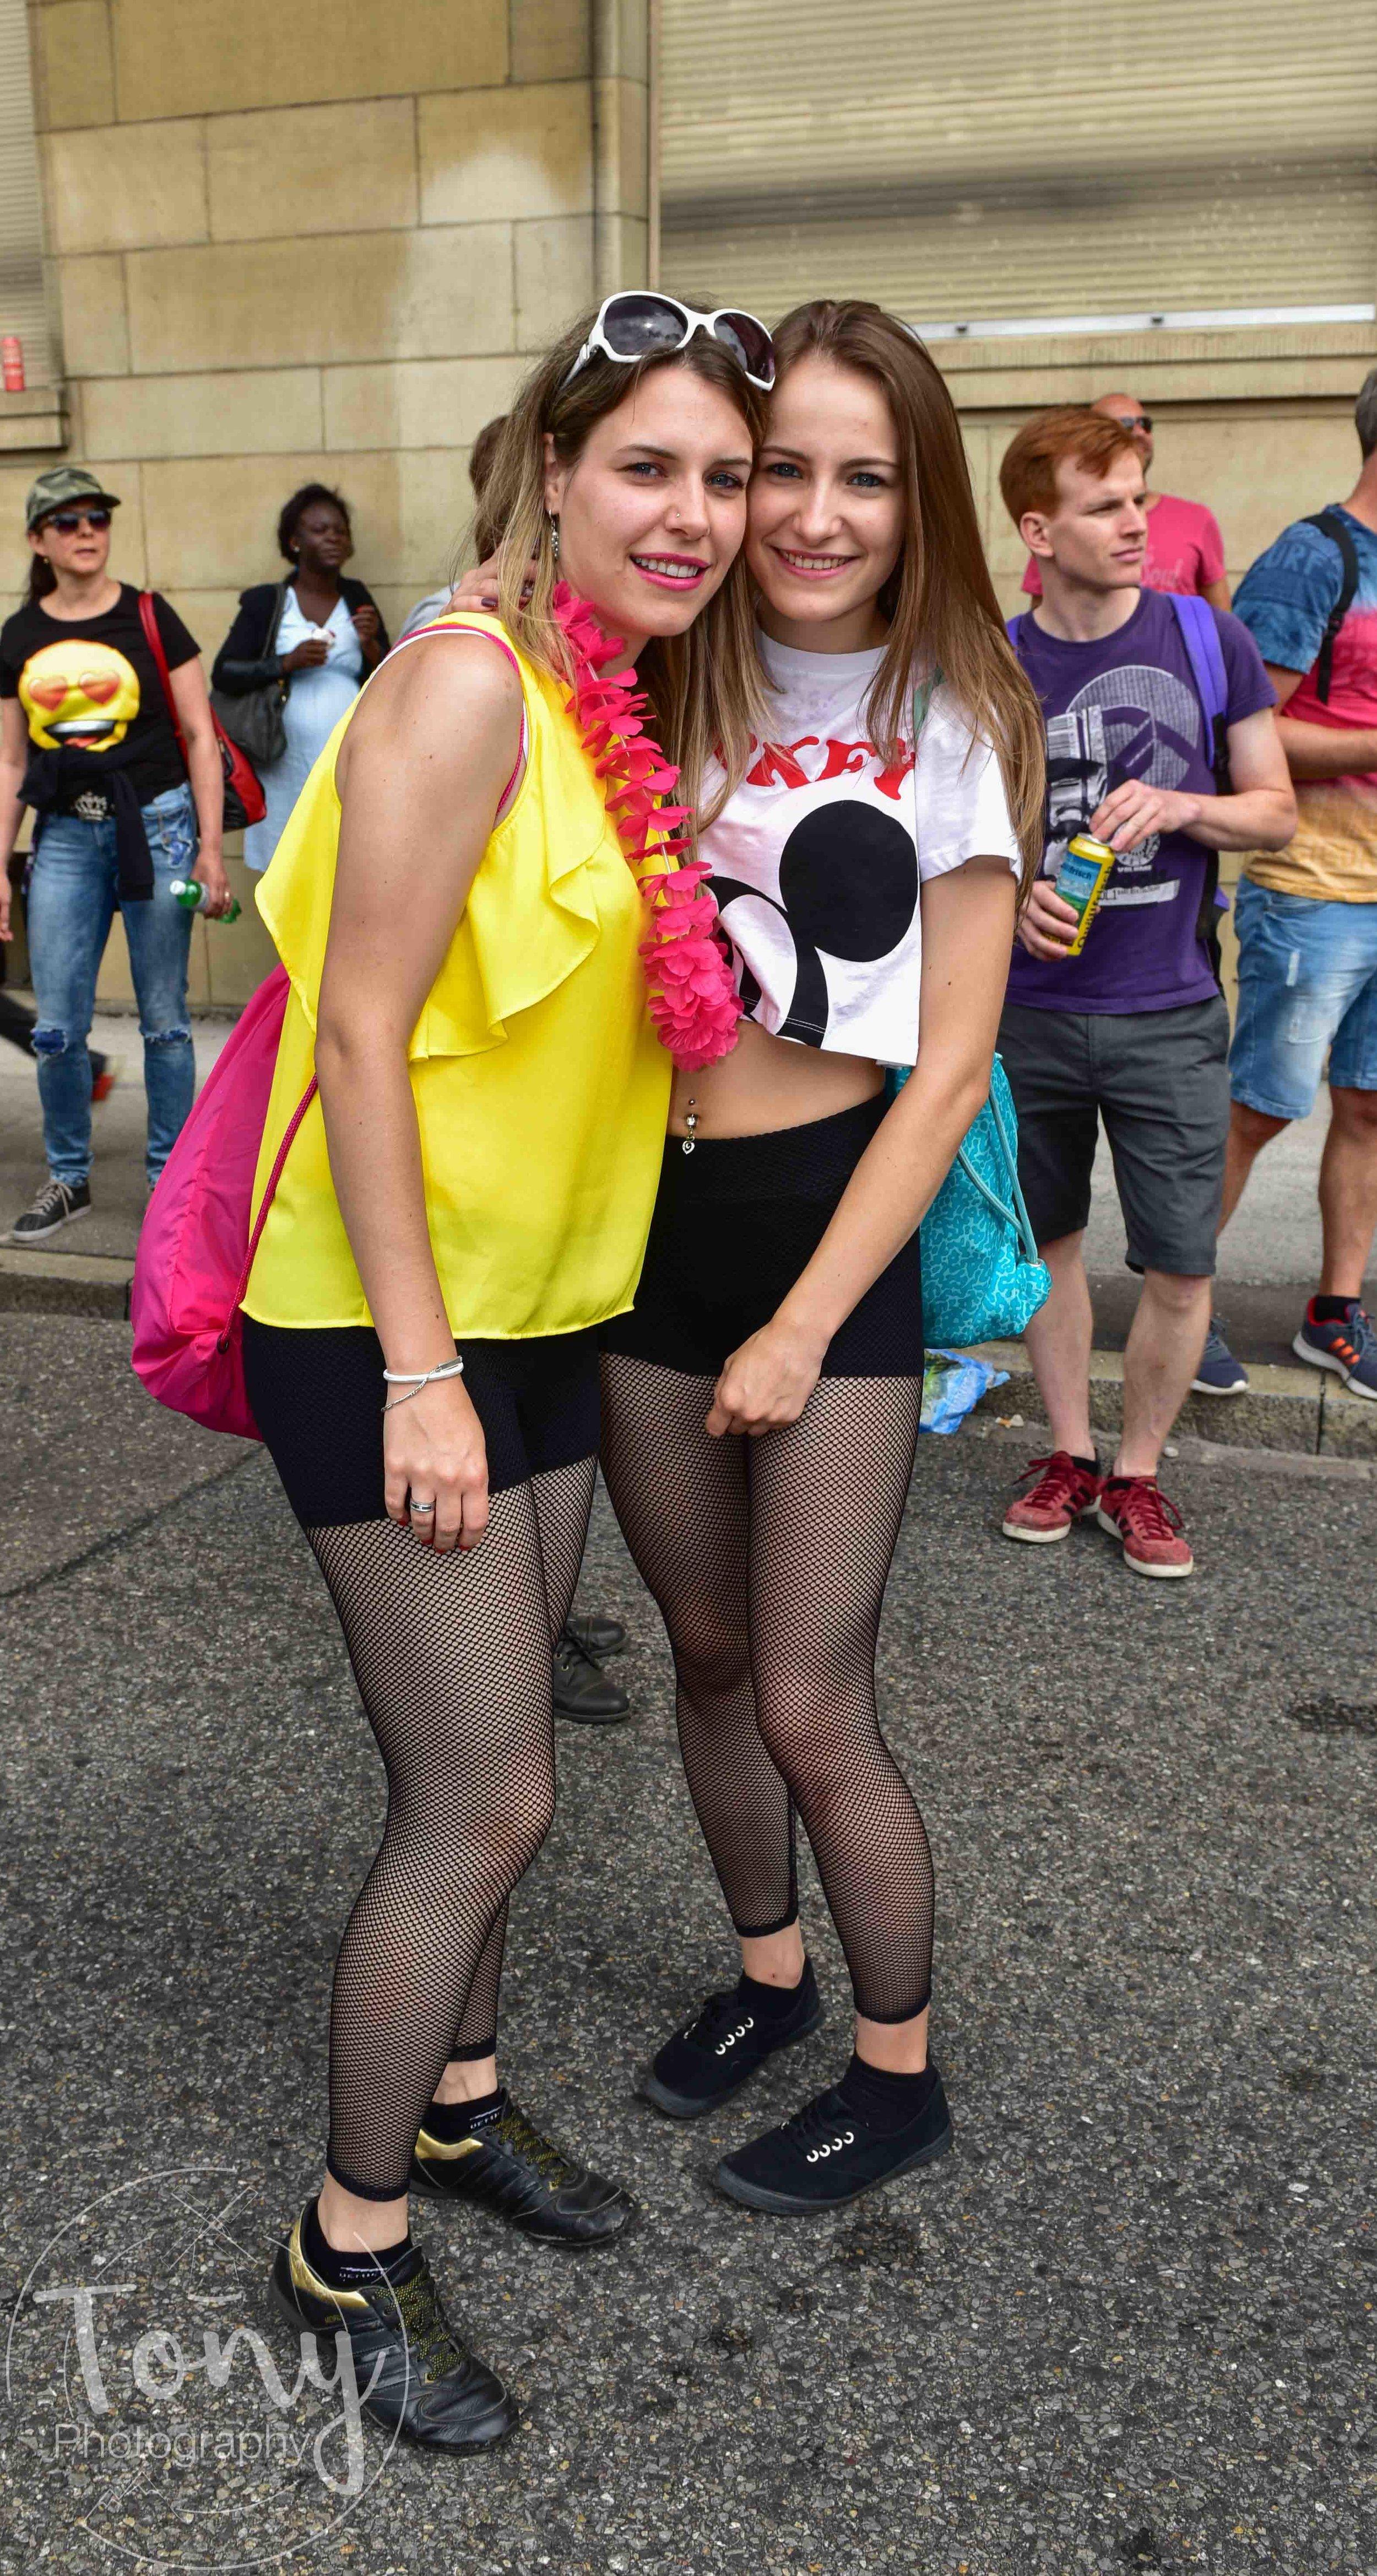 streetparade-65.jpg